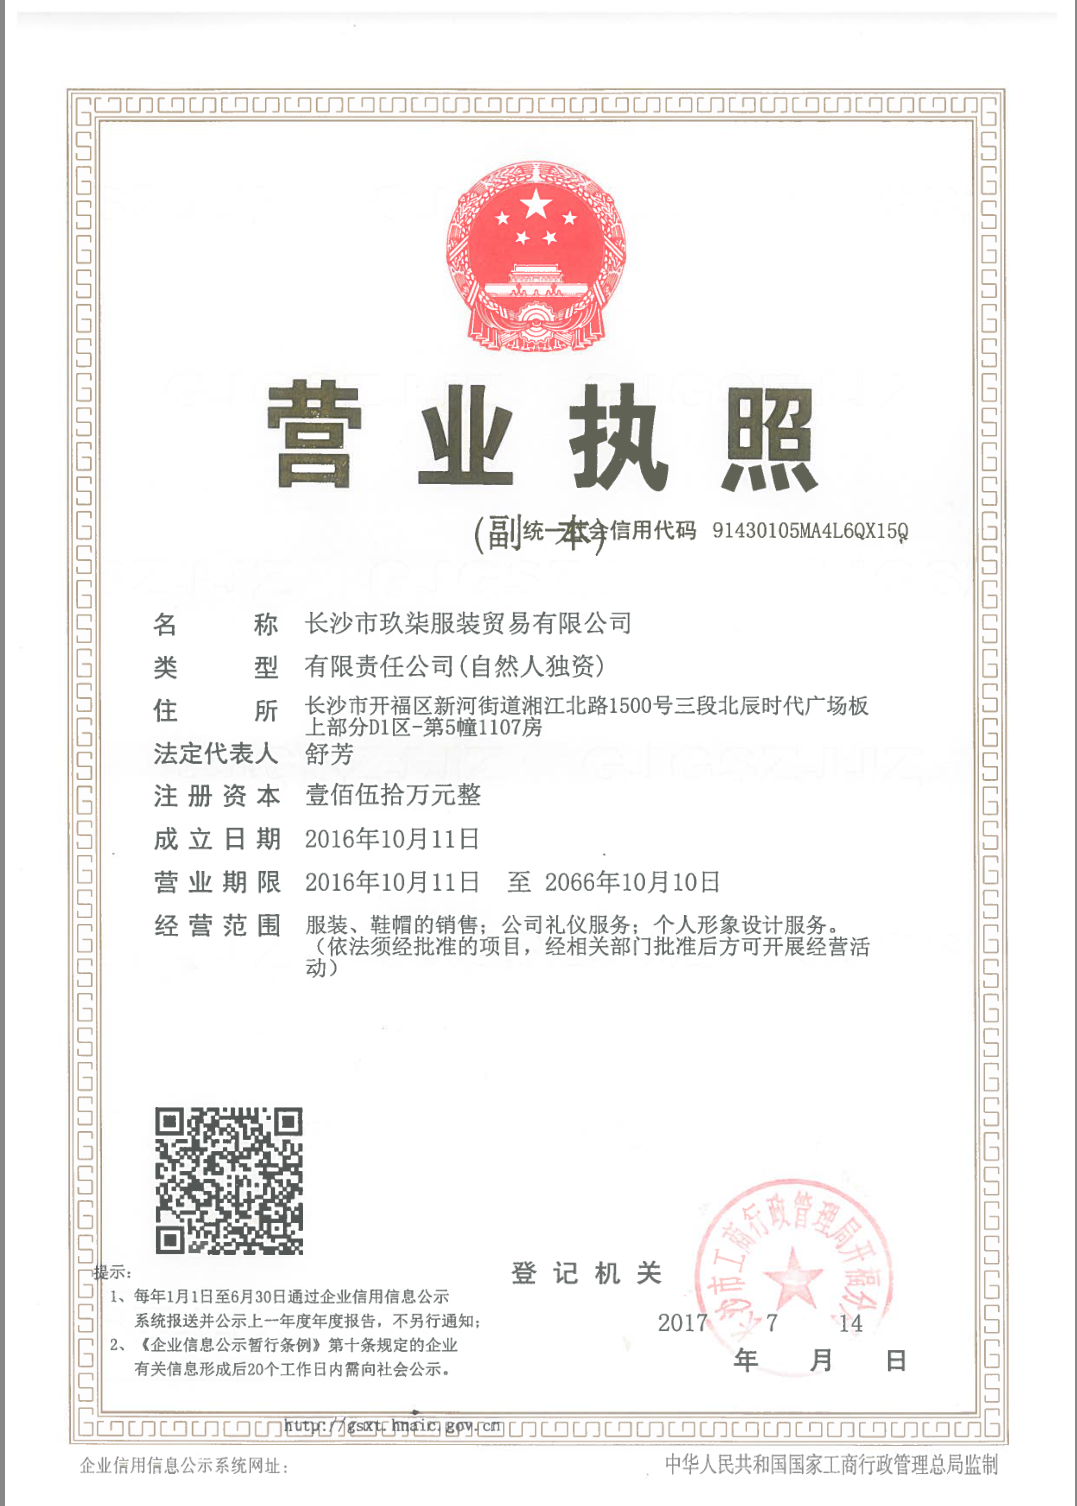 长沙玖柒服装贸易有限公司企业档案